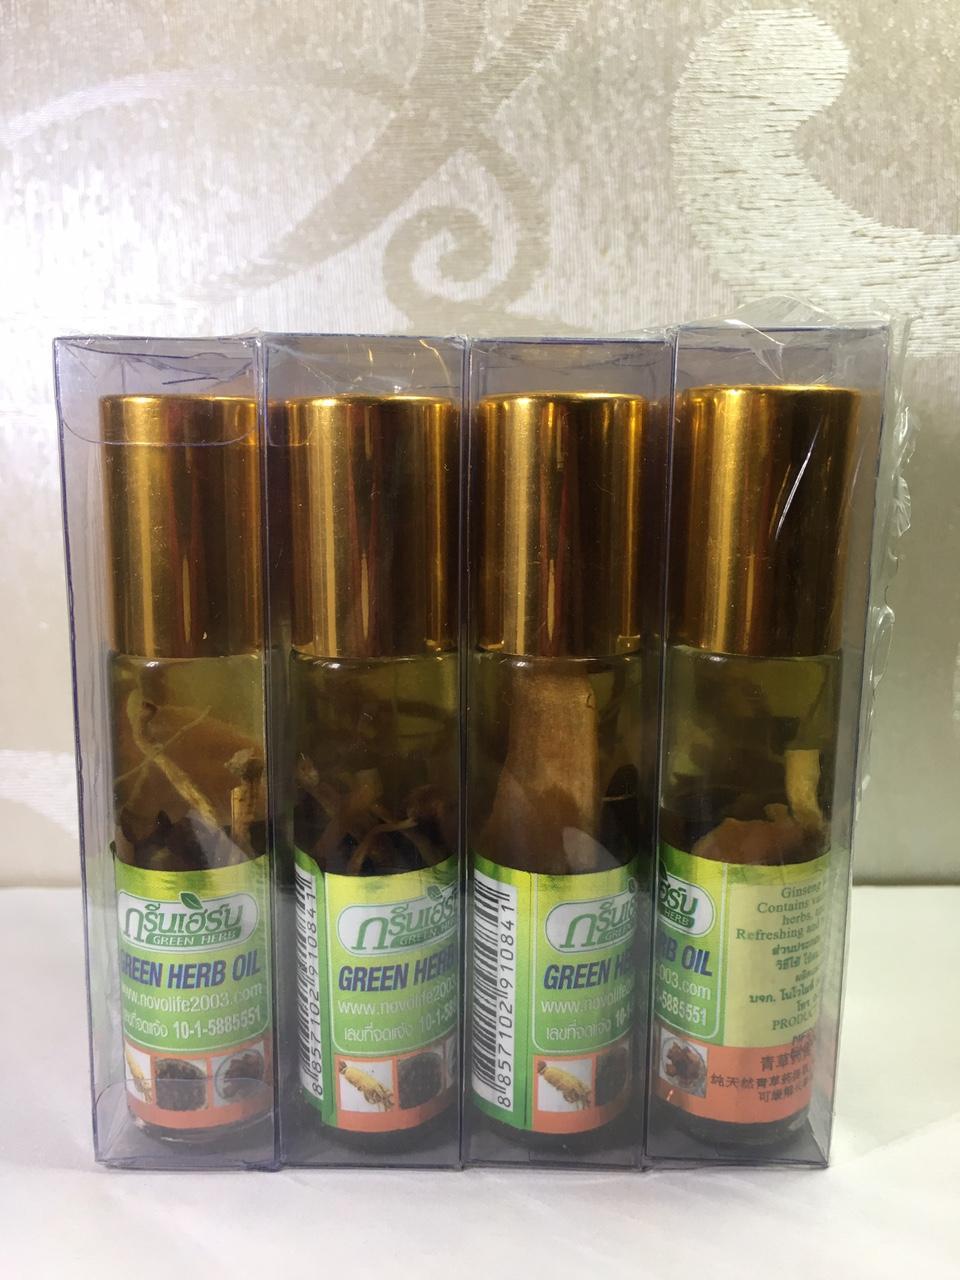 6 chai Dầu lăn Nhân Sâm Green Herb Oil - Thái Lan